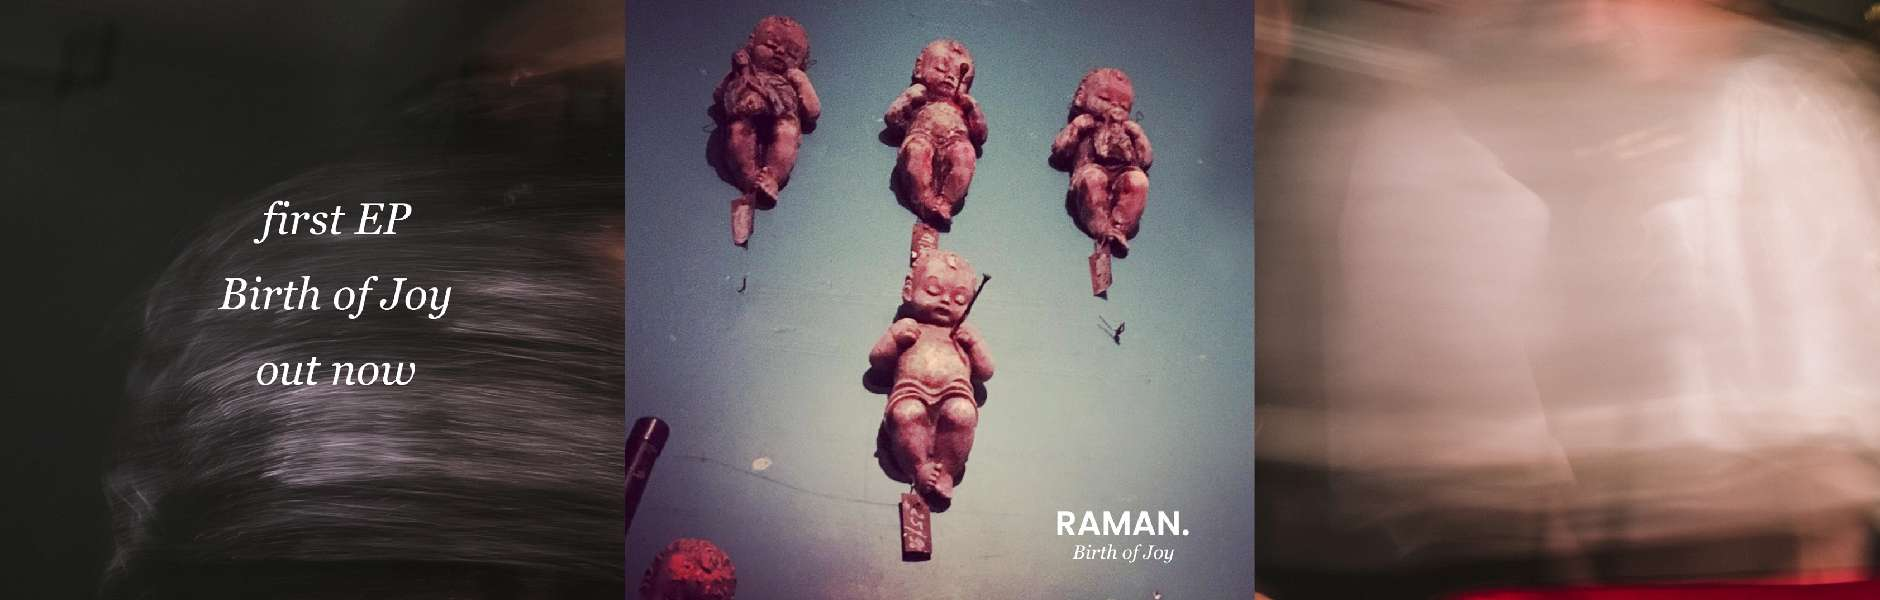 RAMAN.